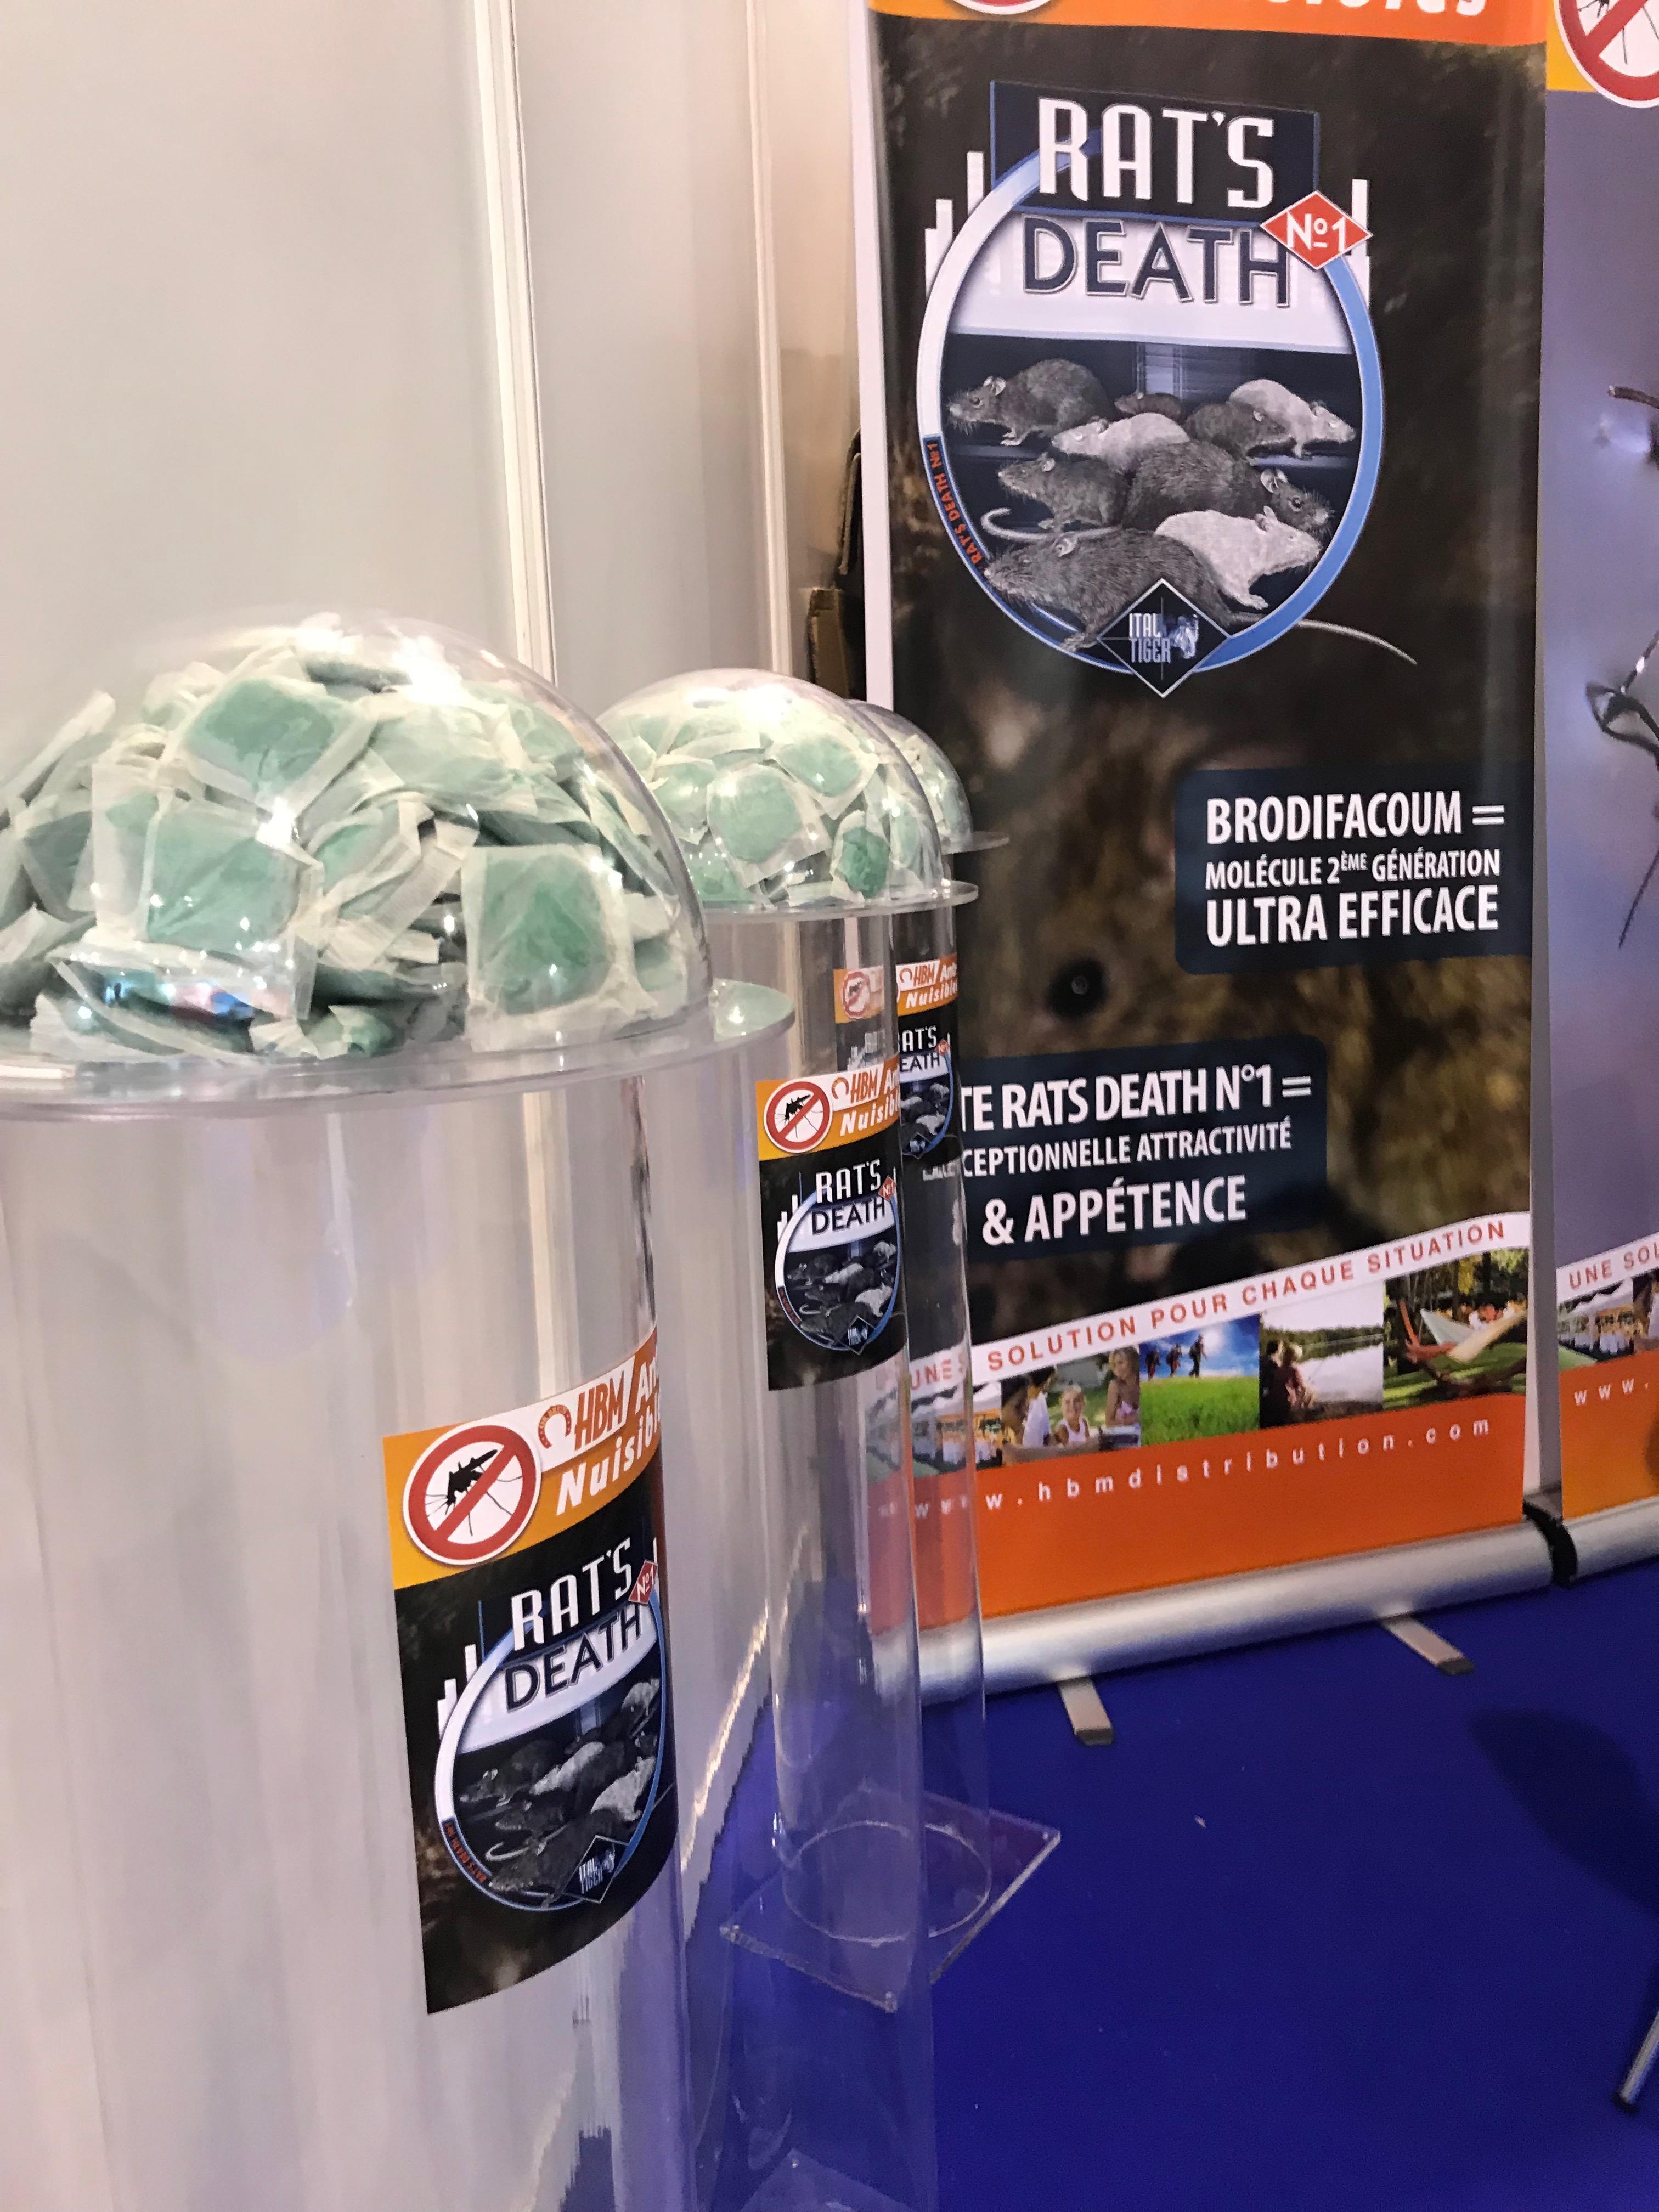 International pest control exhibition Parasitec 2018 in Paris